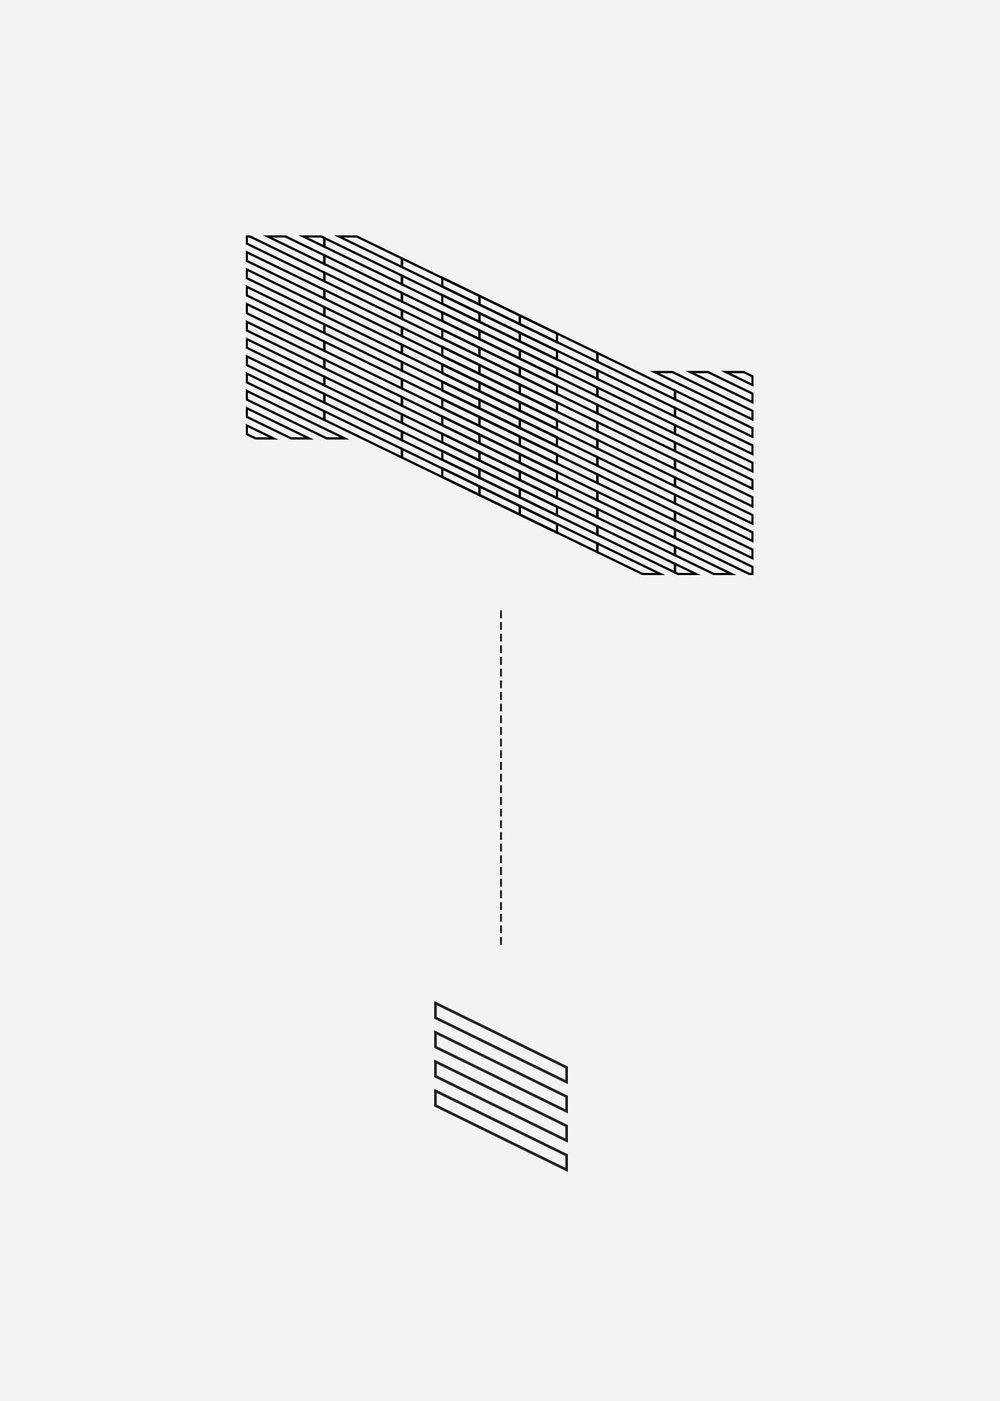 Detail 01 — Stairway Skeleton (Cement blocks)